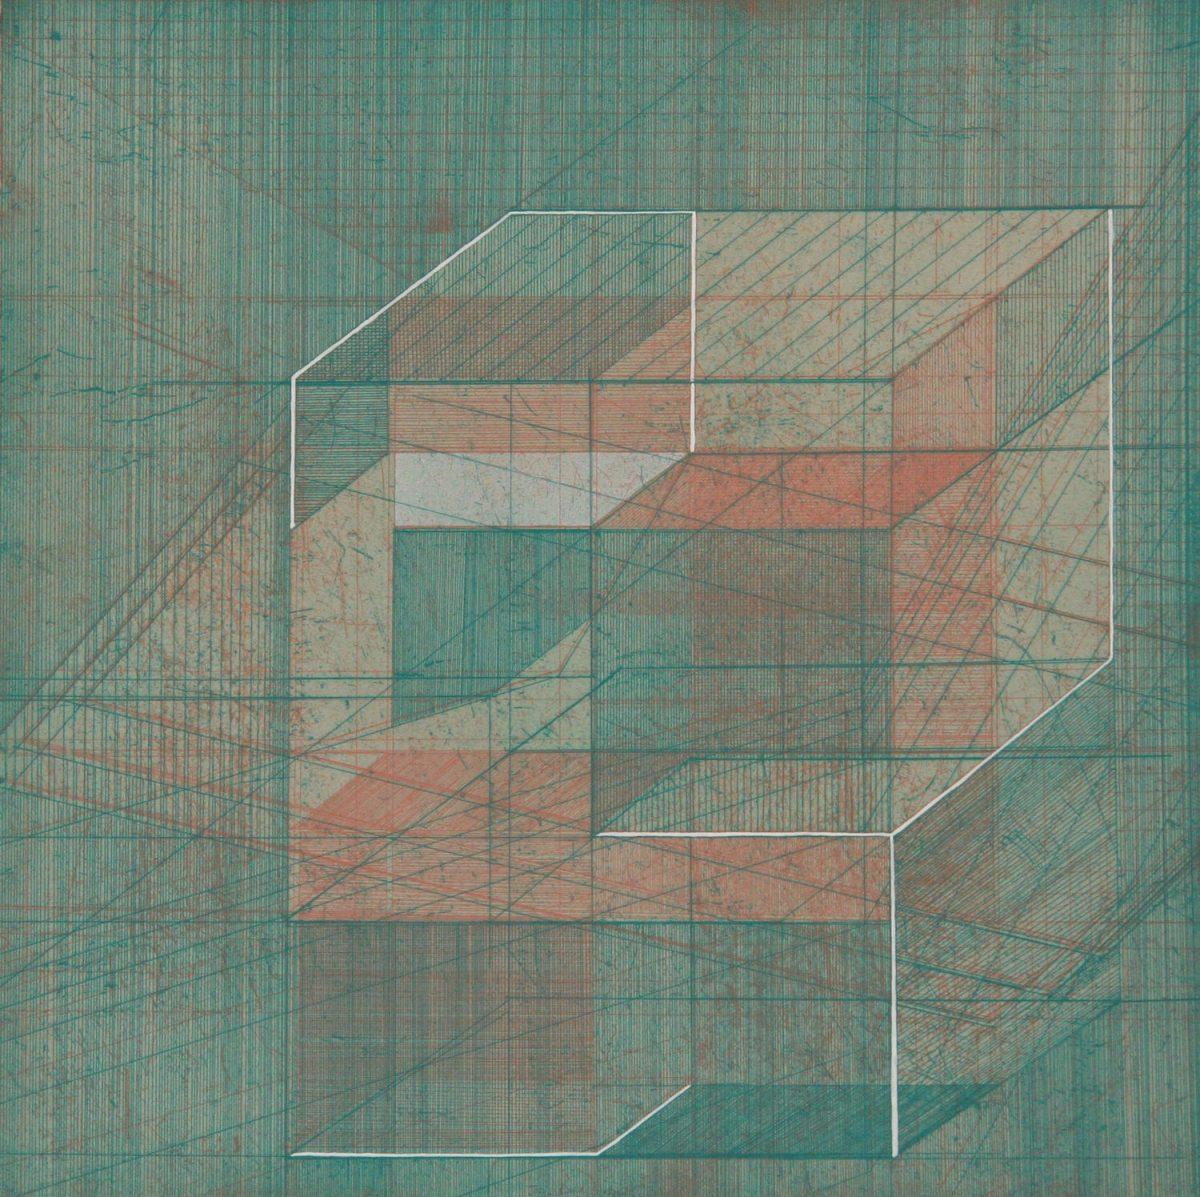 Bronwen Sleigh, Jinja Road Study I, 2017, Etching and screenprint (ed. 25), 32 cm x 32 cm